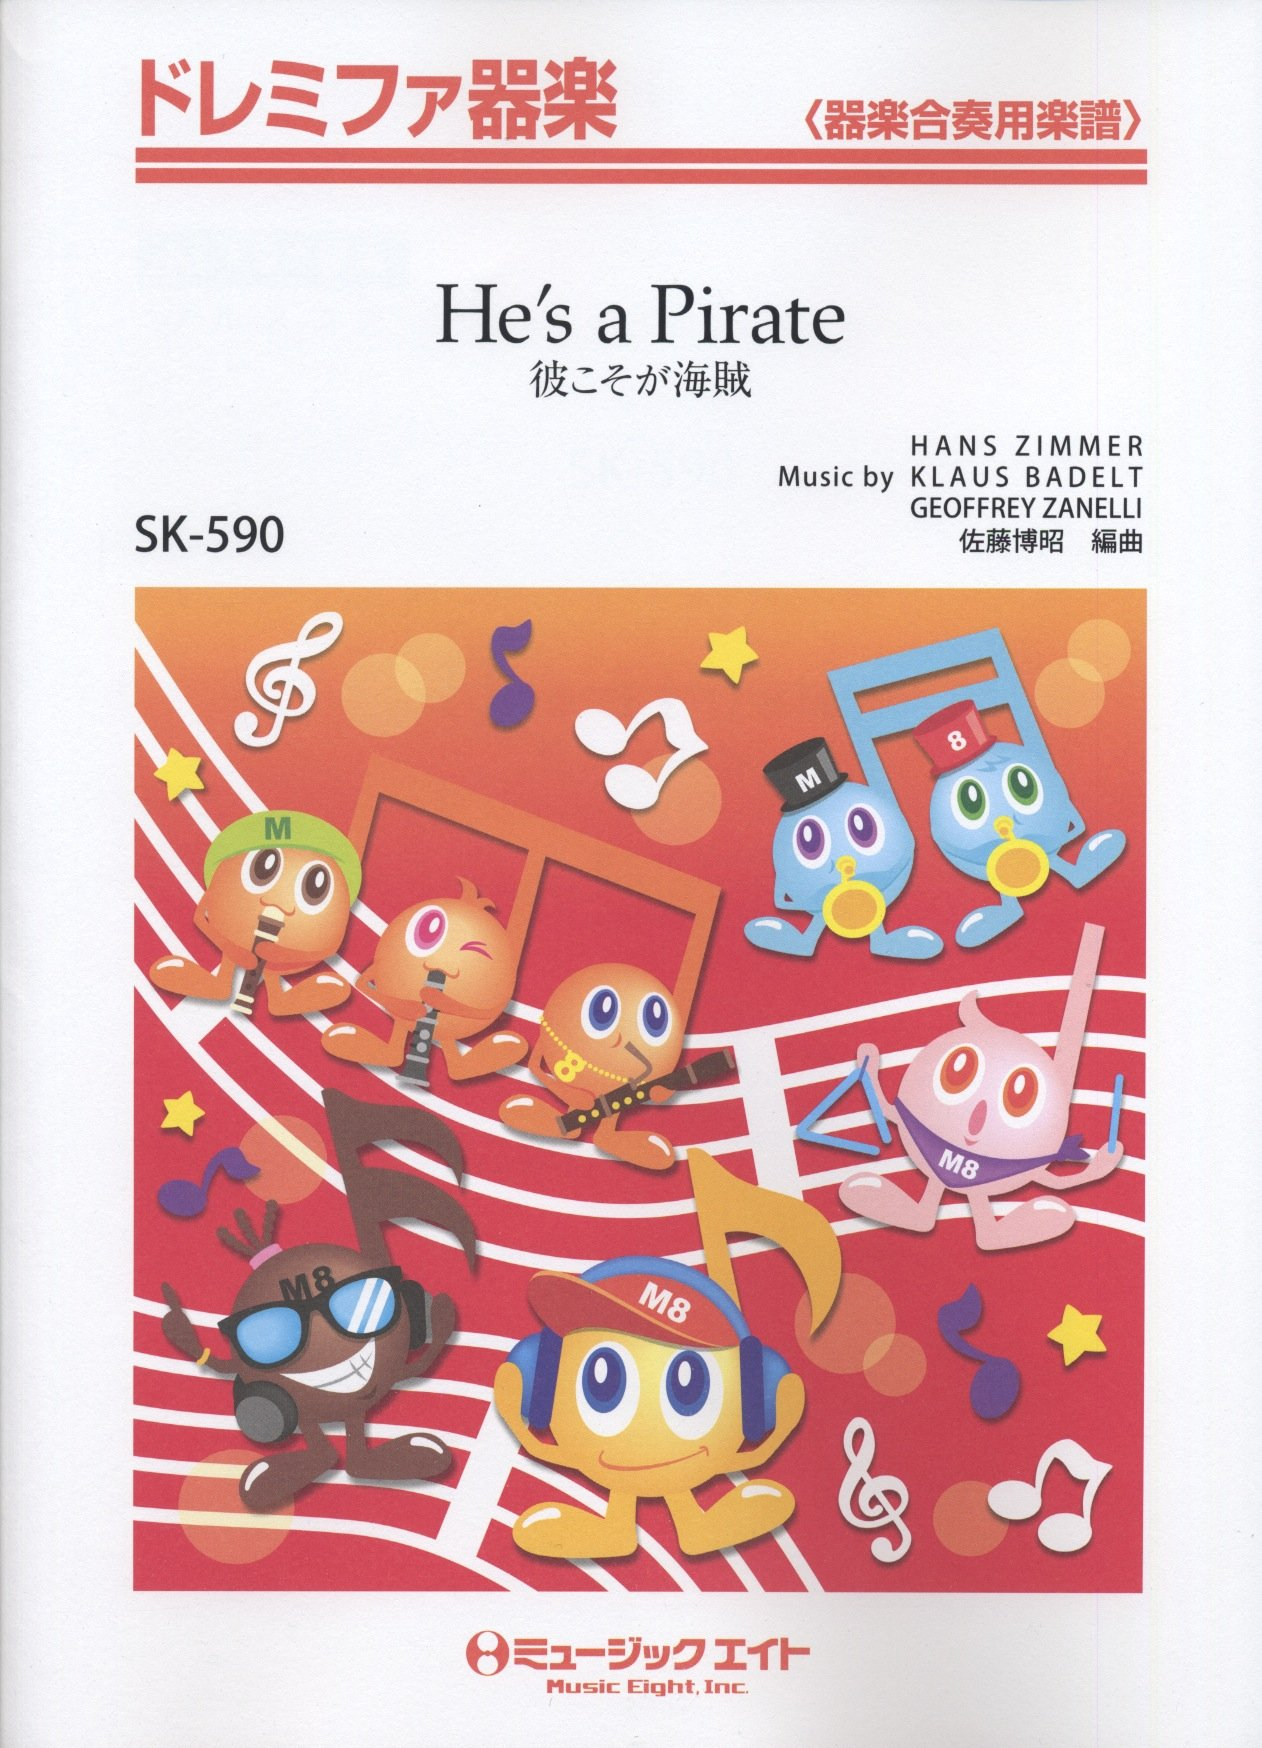 彼こそが海賊【He's a Pirate】 ...